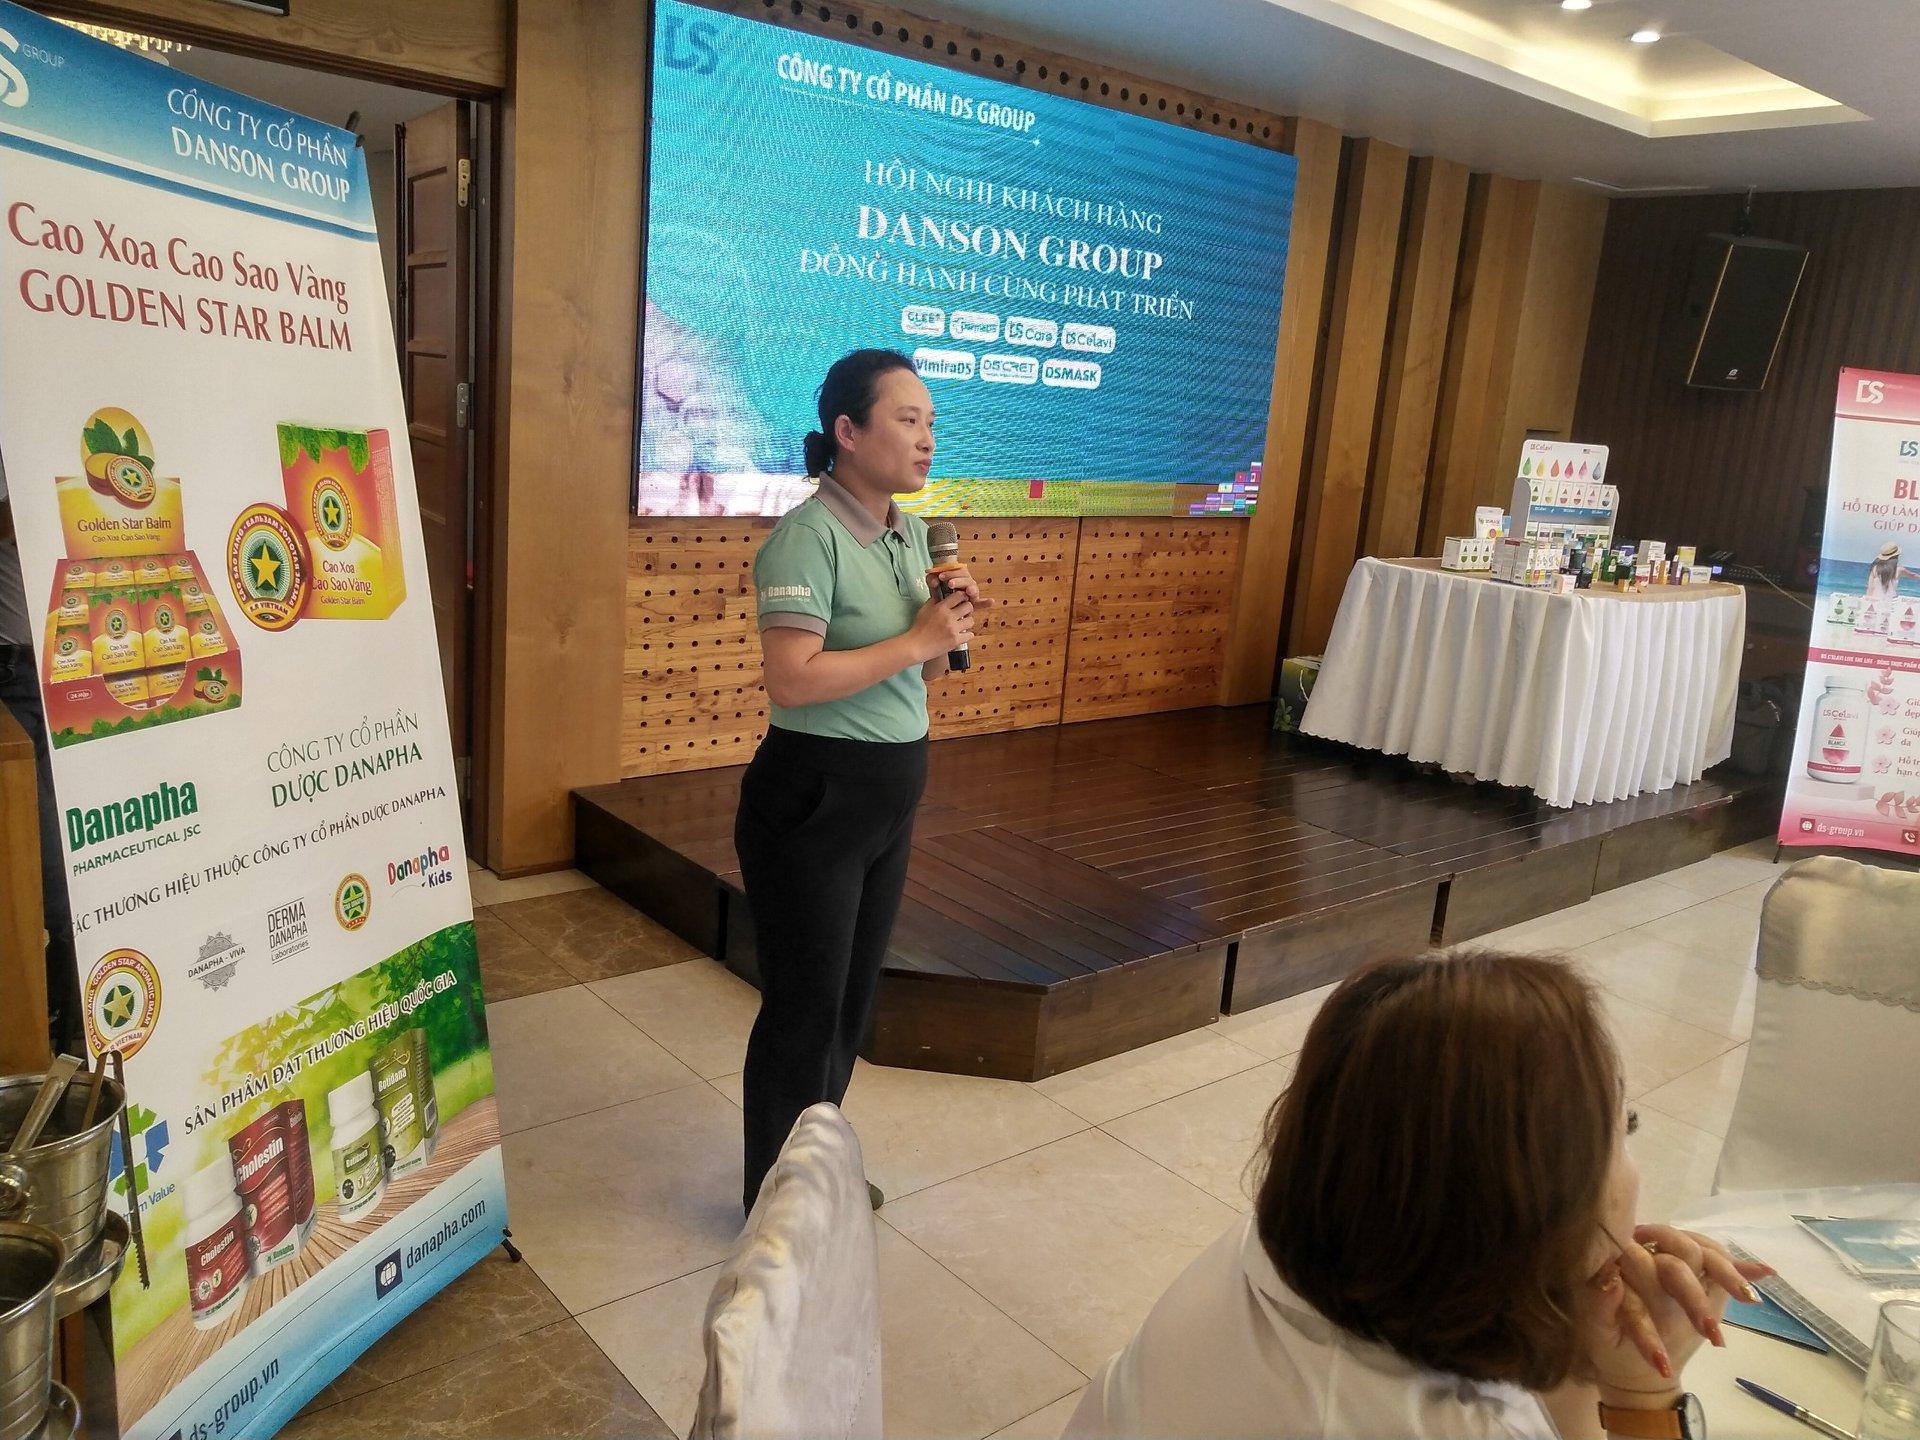 Hội nghị khách hàng Danson Group tại Hải Phòng